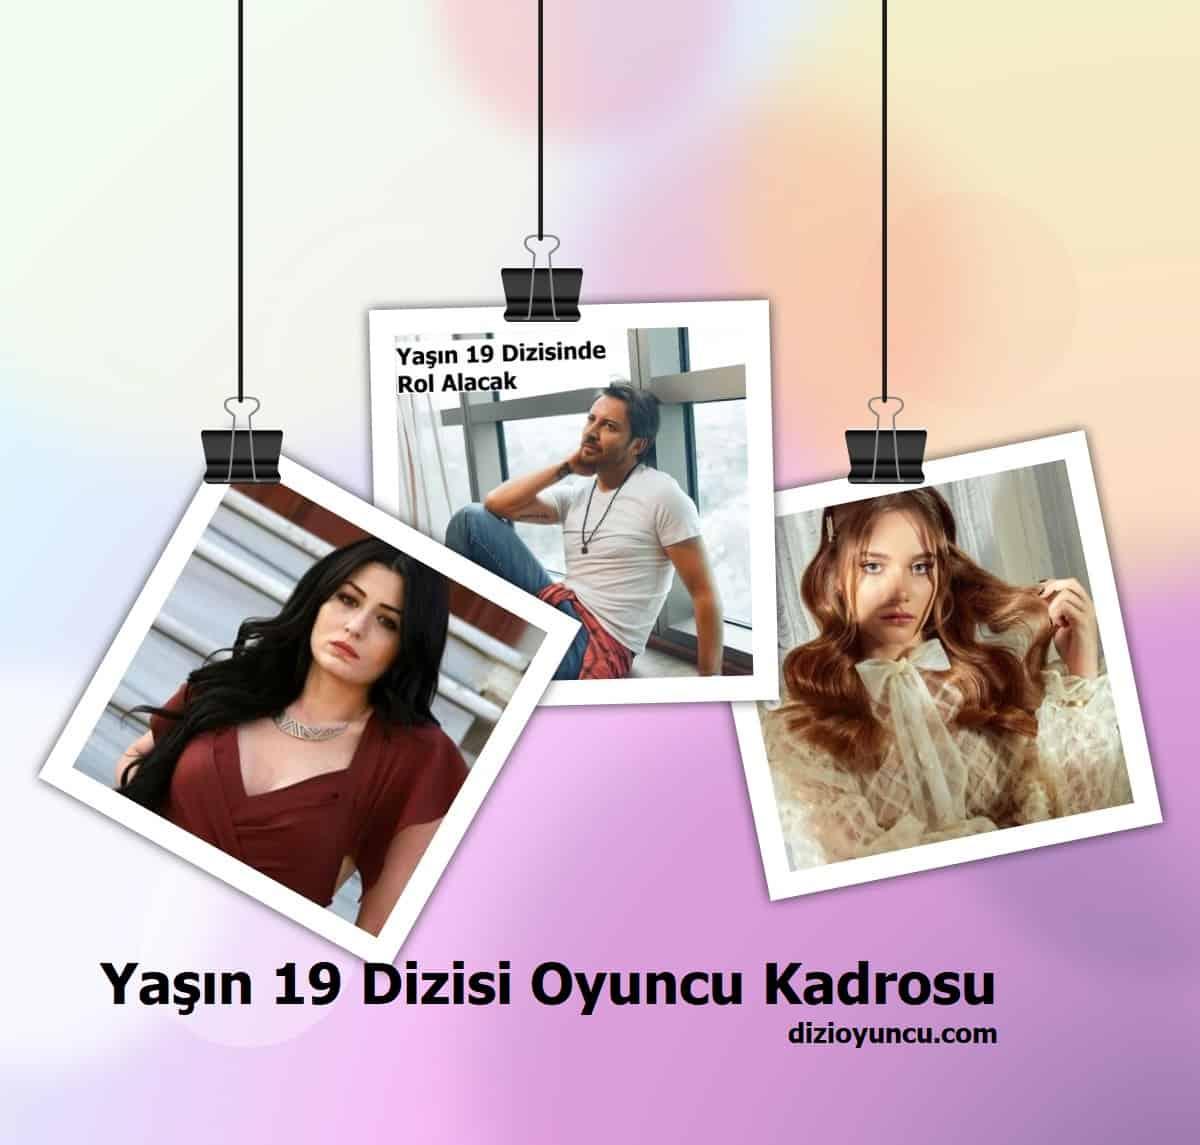 Hülya Avşar ve Mehmet Aslantuğ yeni dizi 'Yaşı 19' için kamera karşısına geçiyor!